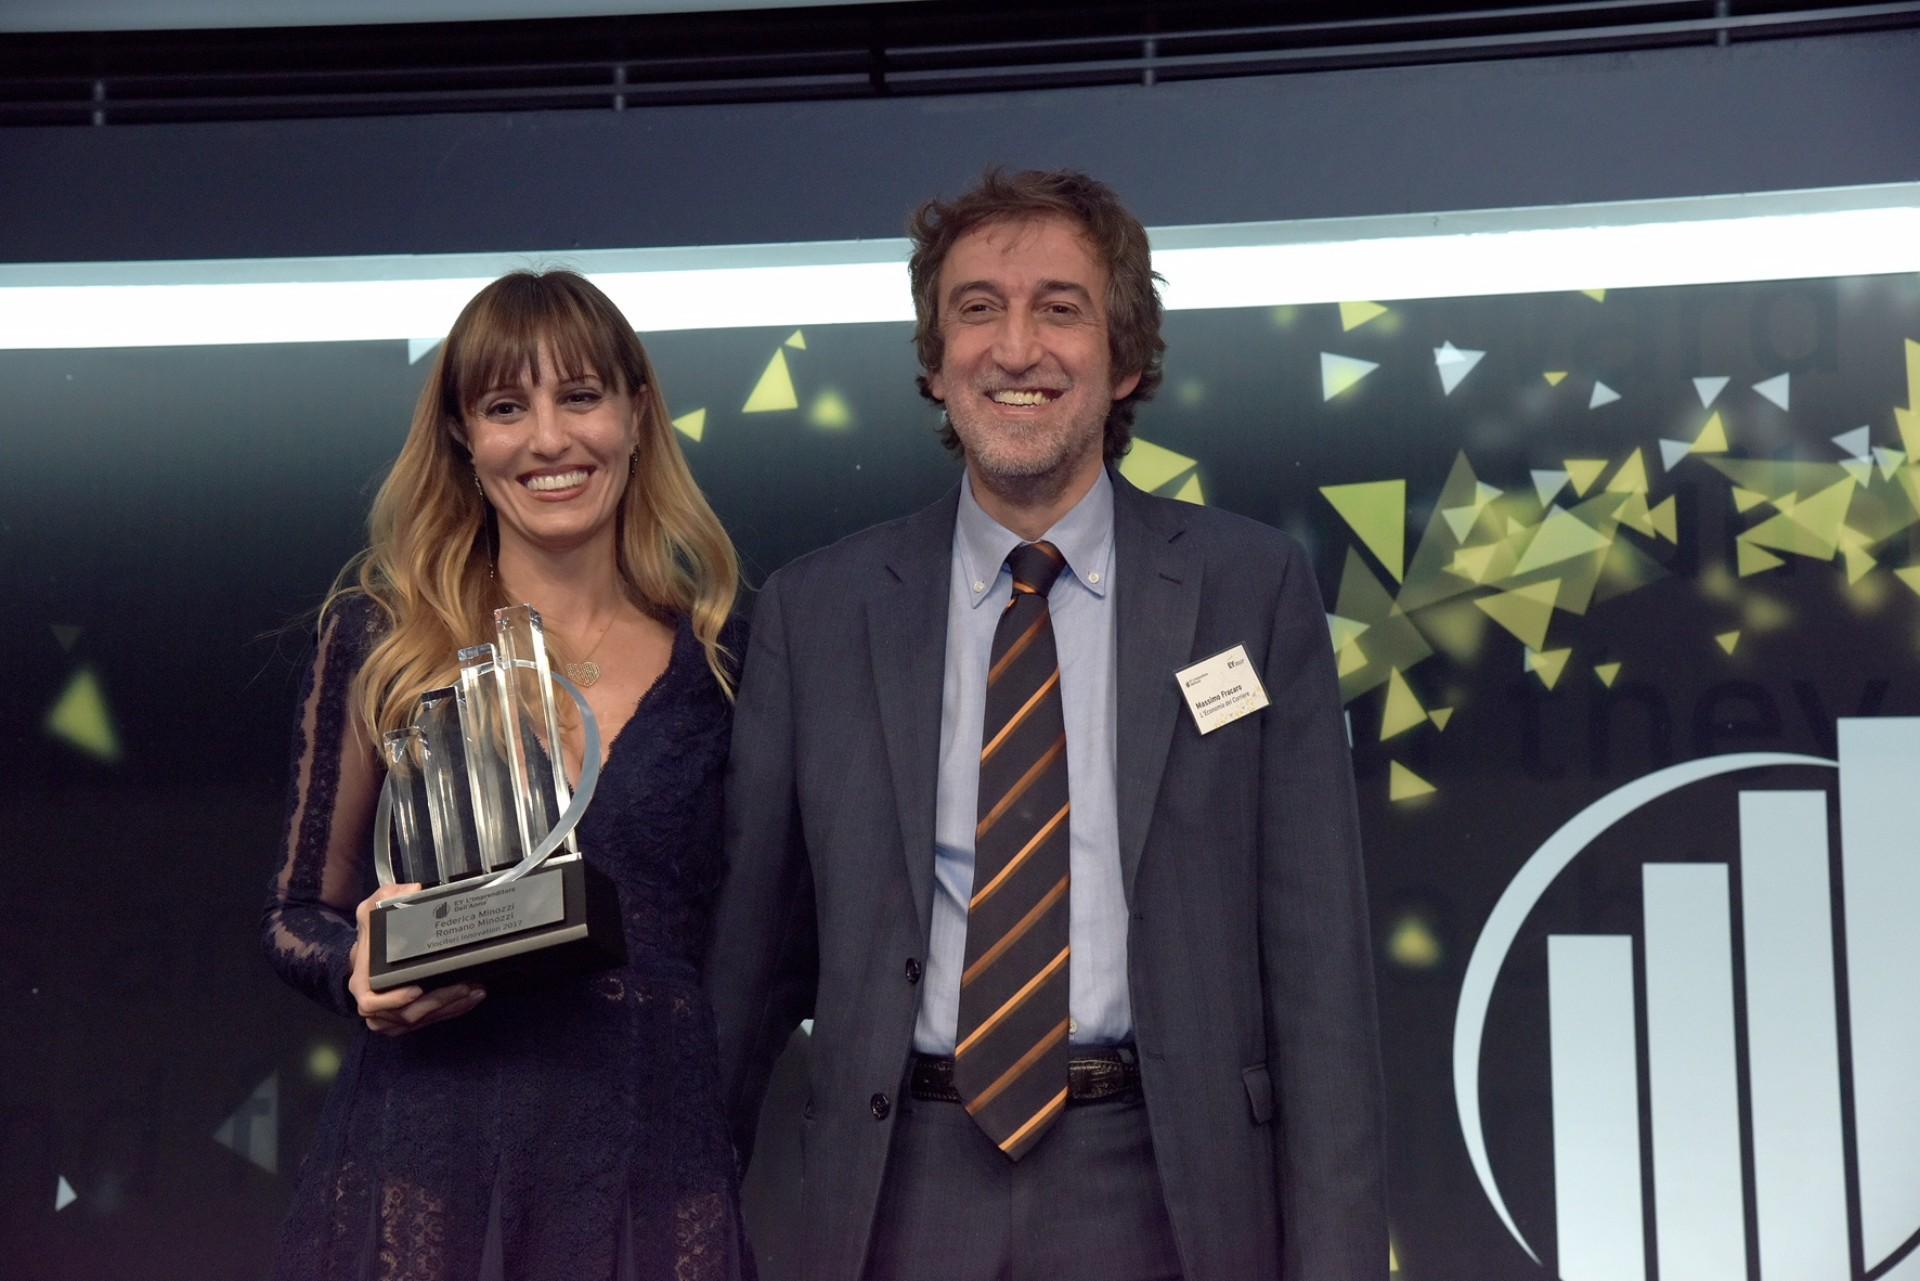 Iris Ceramica Group beim Preis EY Unternehmer des Jahres